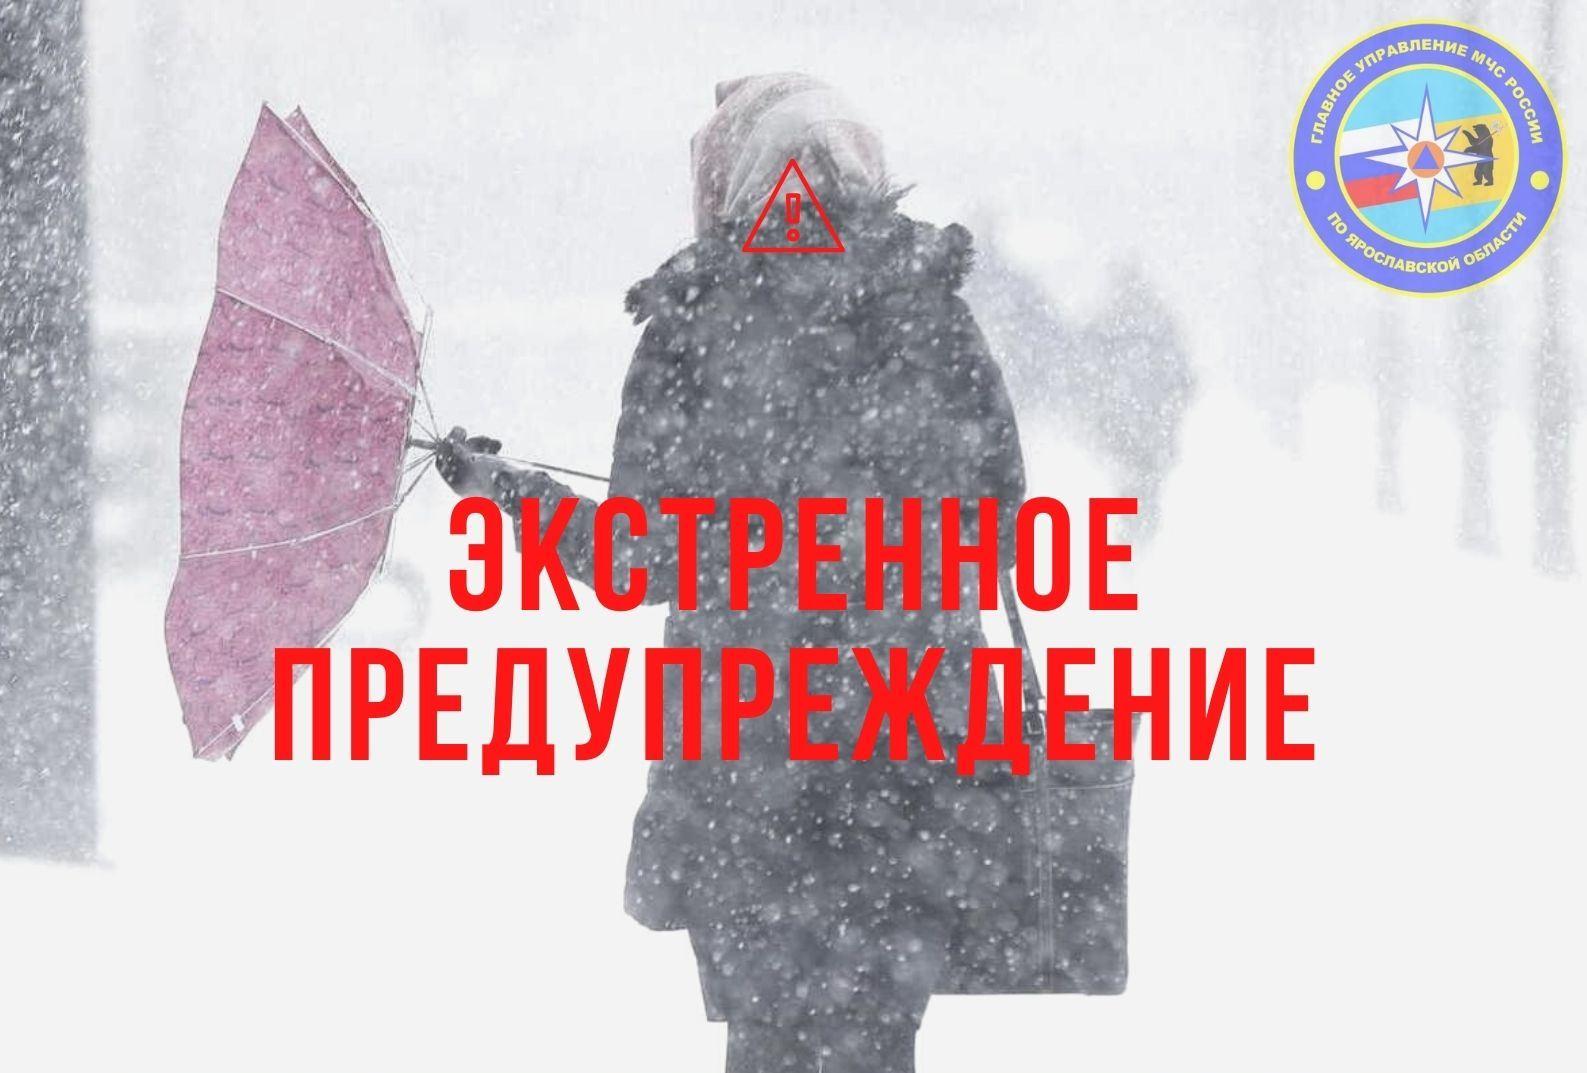 МЧС по Ярославской области опубликовало экстренное предупреждение о сильном снегопаде